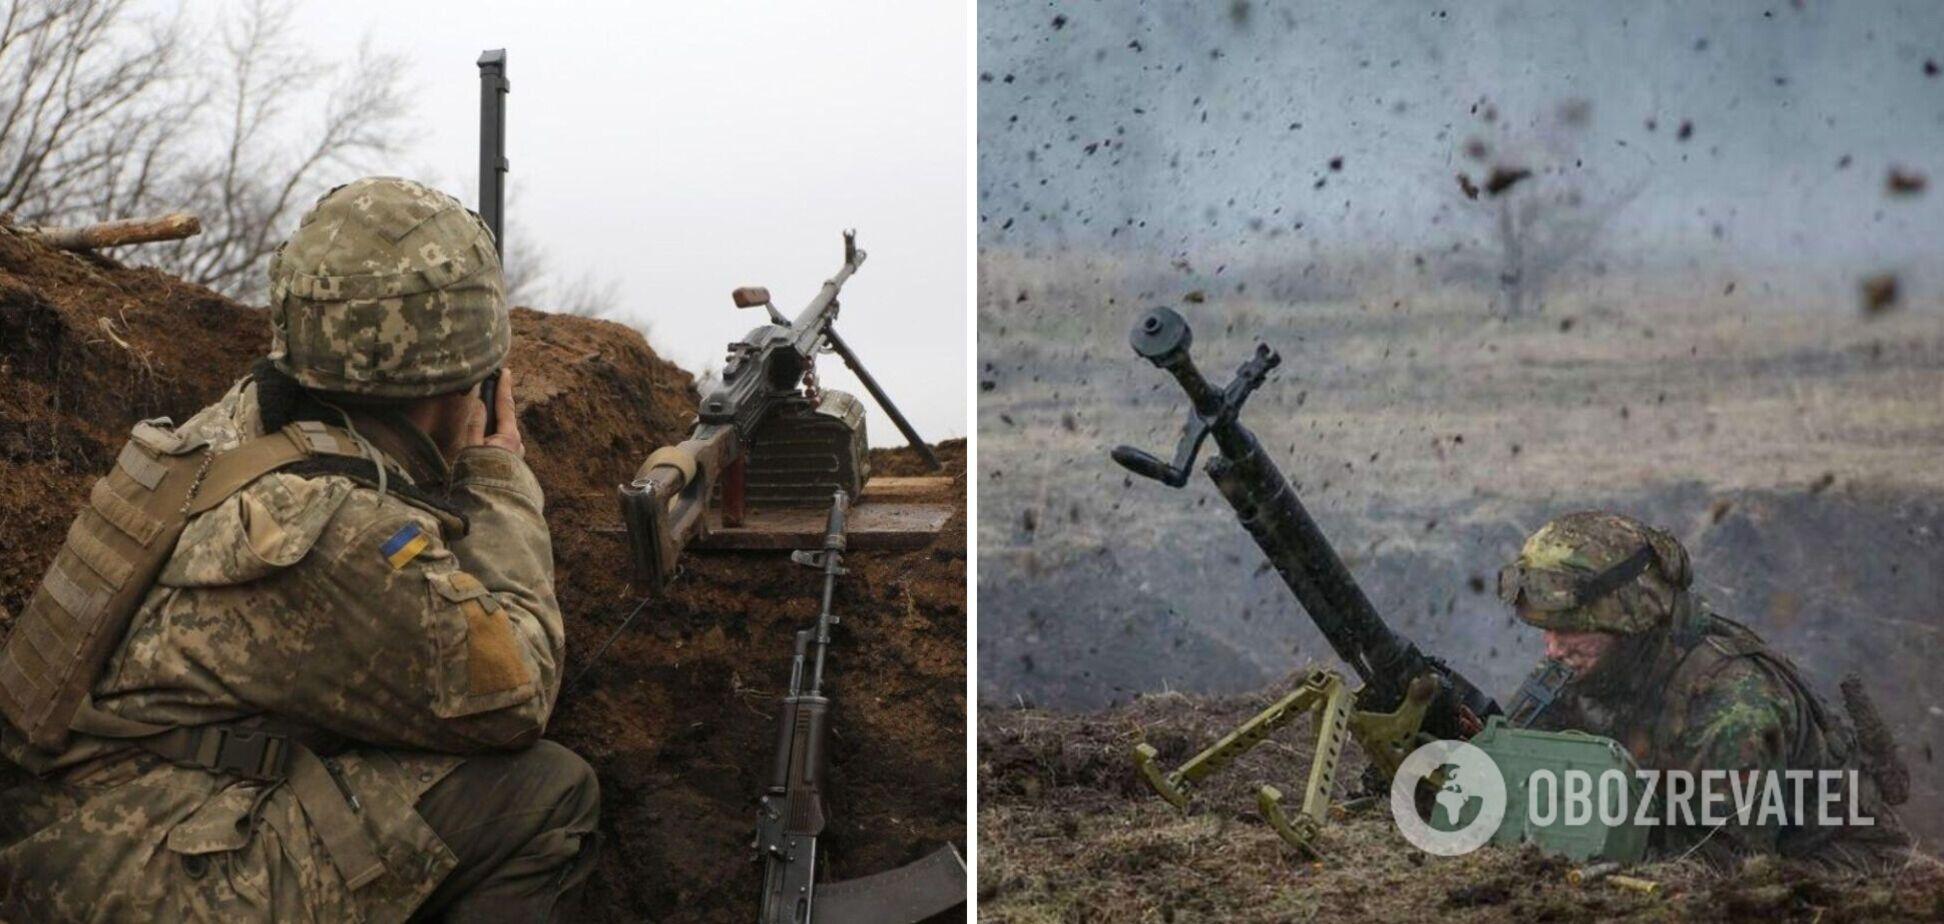 На Донбасі підірвався воїн ЗСУ, а найманці 'Л/ДНР' вдарили з мінометів 120 калібру – штаб ООС